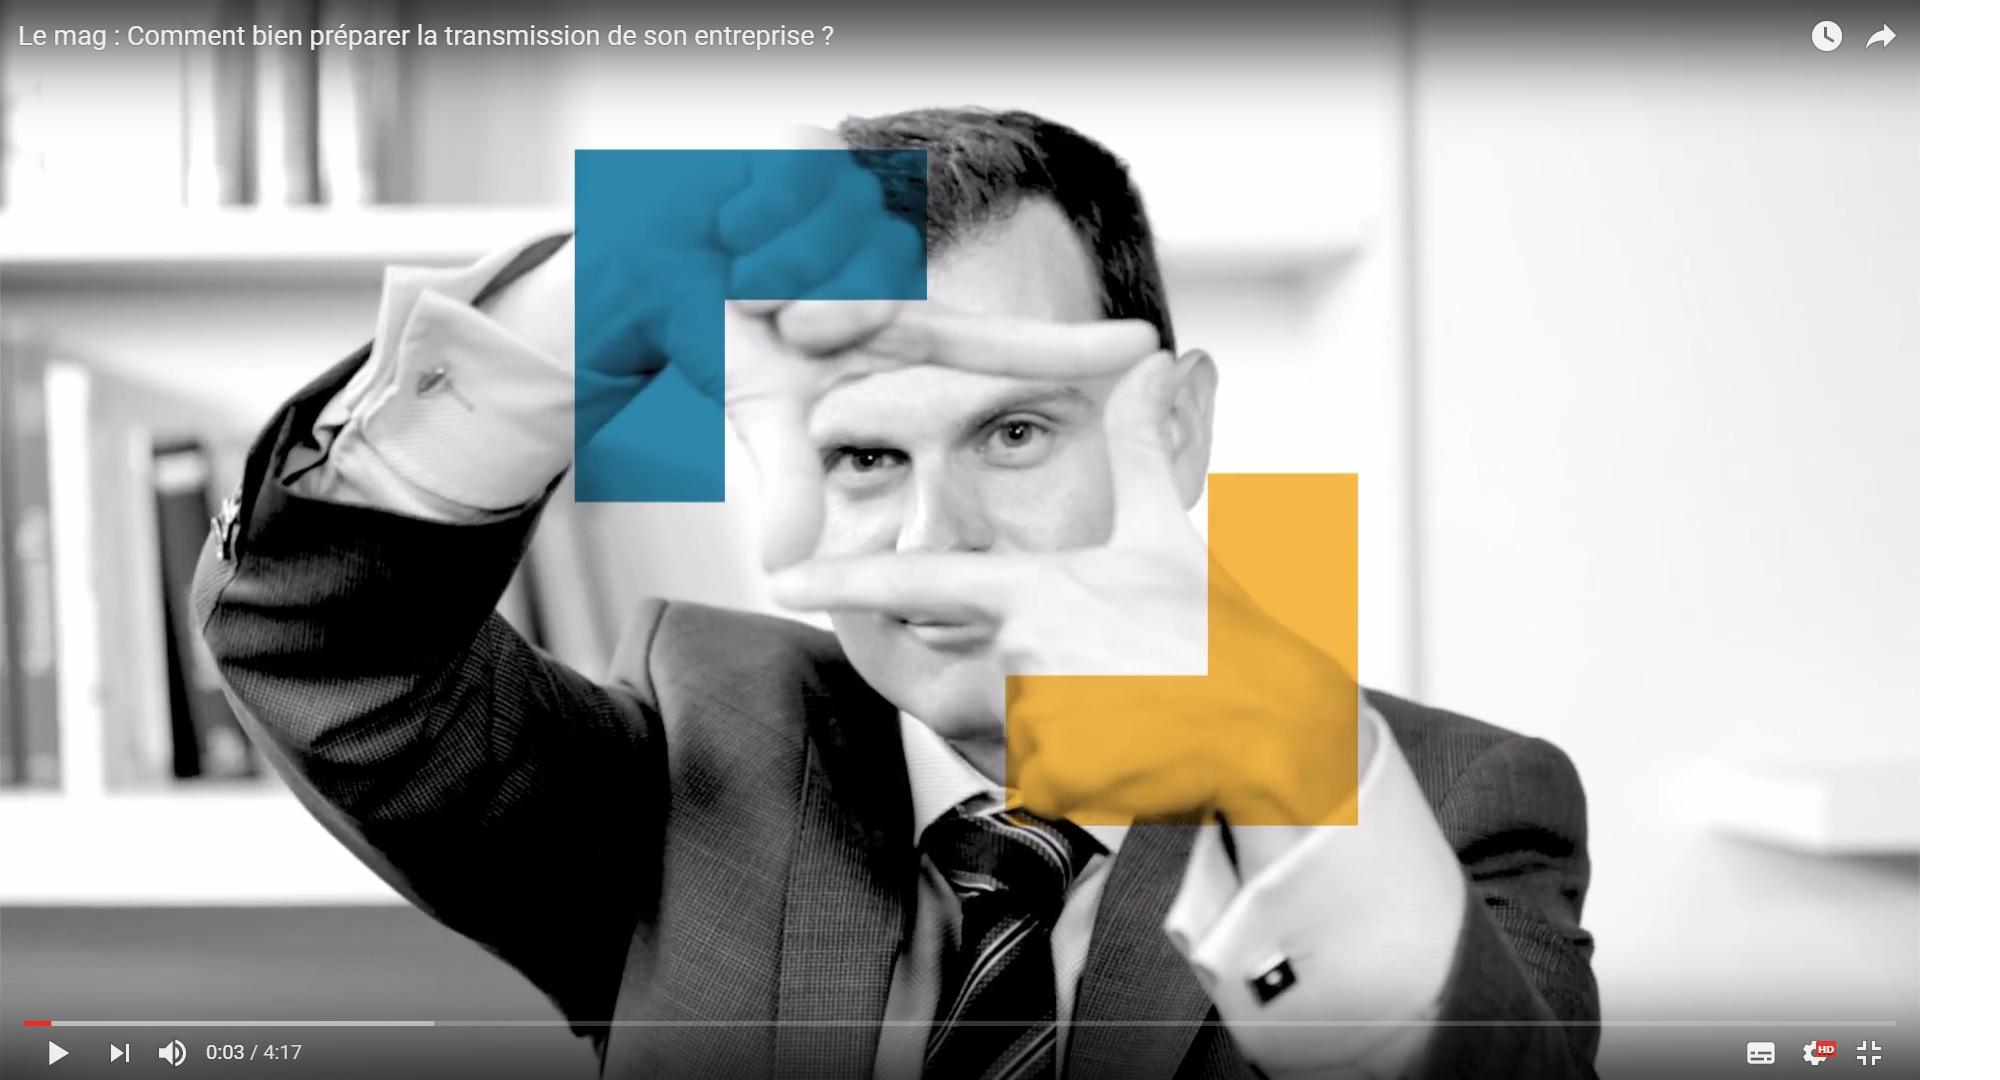 Vidéo sur la transmission d'entreprise